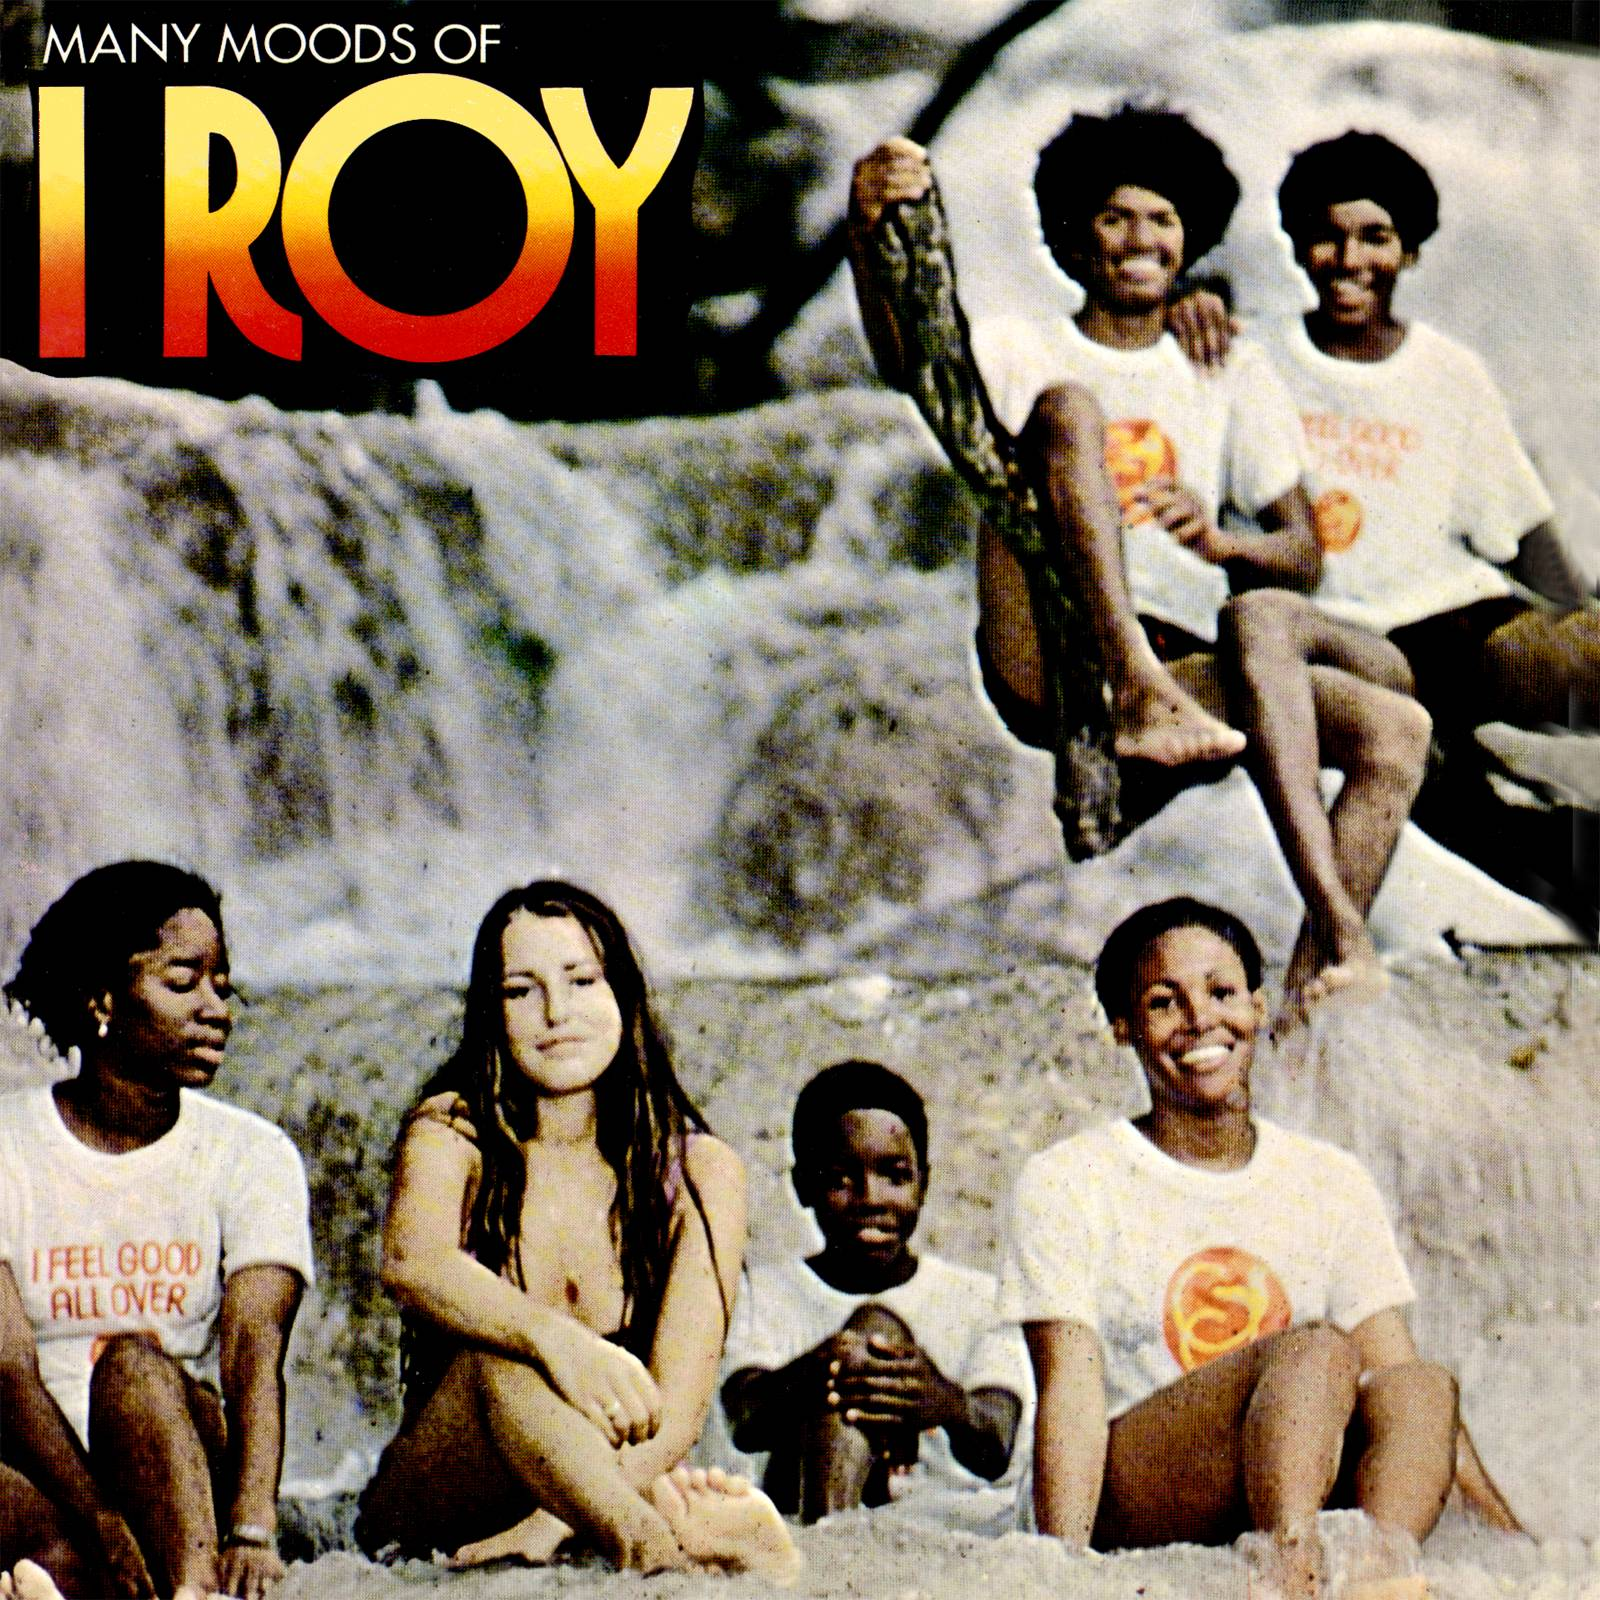 hopeton chat Home » reggae » hopeton james-im still your man-7inch vinyl-flac-1988-jro hopeton james-im still your man-7inch vinyl-flac-1988-jro posted by musicrls on 16 september 2018 in reggae.